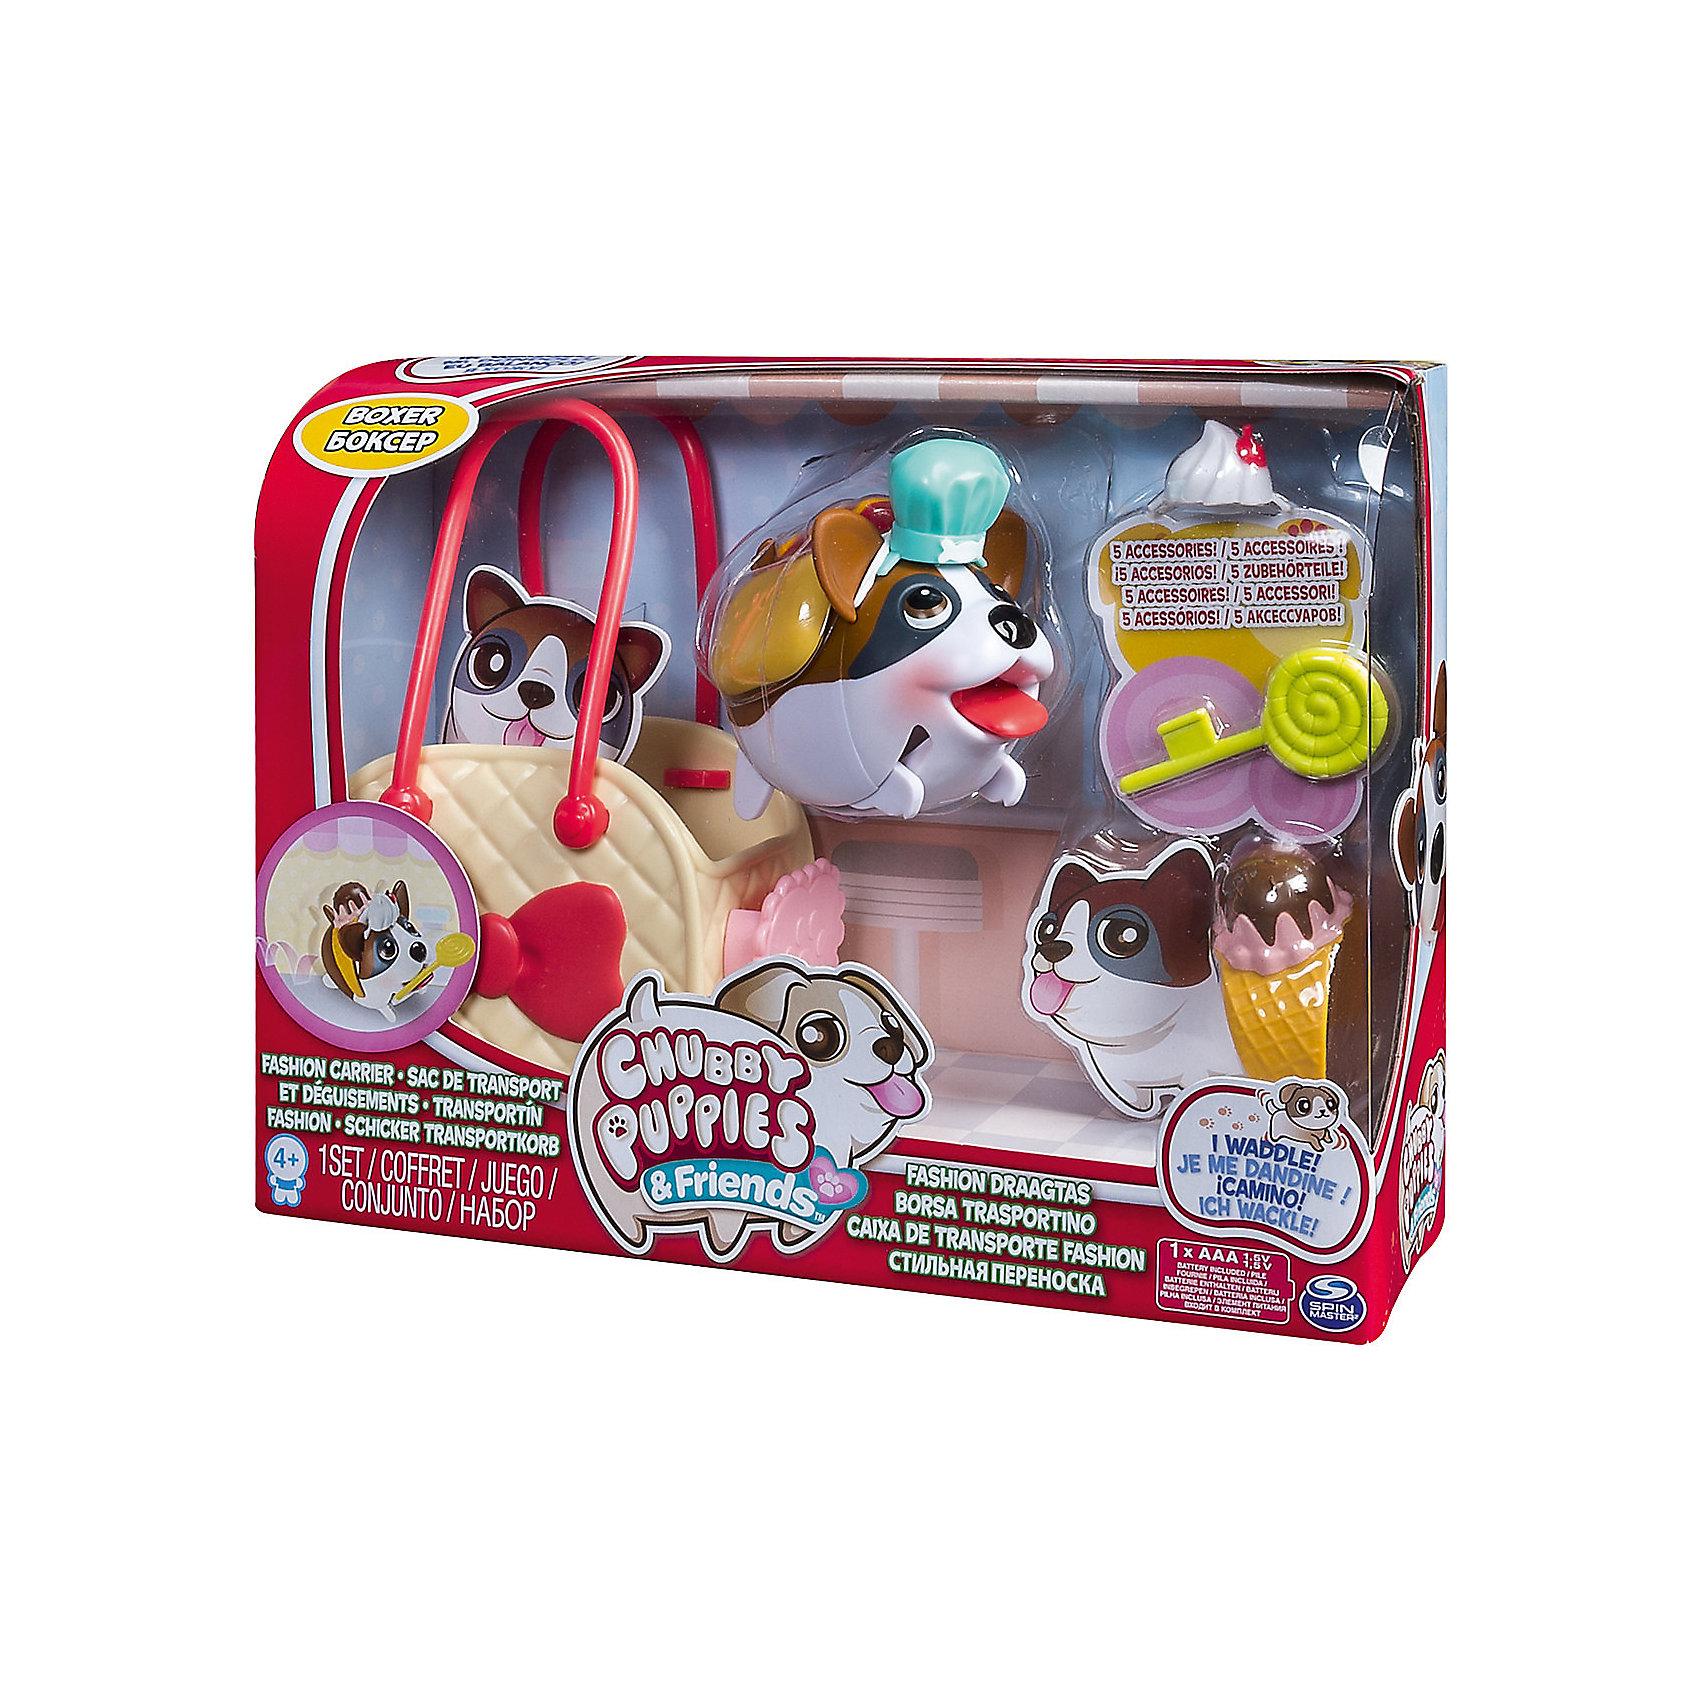 Набор с сумкой-переноской Боксер, Chubby PuppiesМир животных<br>Характеристики товара:<br><br>- цвет: разноцветный;<br>- материал: пластик;<br>- размер упаковки: 25х8х19 см;<br>- вес: 310 г;<br>- комплектация: игрушка, аксессуары, сумка-переноска. <br><br>Игрушки от бренда Chubby Puppies - это симпатичные животные, которые умеют забавно двигаться. Эта игрушка очень качественно выполнена, поэтому она станет отличным подарком ребенку. Такое изделие отлично тренирует у ребенка разные навыки: играя с ней, малыш развивает мелкую моторику, цветовосприятие, внимание, воображение и творческое мышление.<br>Данная модель дополнена аксессуарами и сумкой-переноской. Изделие произведено из высококачественного материала, безопасного для детей.<br><br>Набор с сумкой-переноской Боксер от бренда Chubby Puppies можно купить в нашем интернет-магазине.<br><br>Ширина мм: 80<br>Глубина мм: 190<br>Высота мм: 250<br>Вес г: 310<br>Возраст от месяцев: 36<br>Возраст до месяцев: 2147483647<br>Пол: Унисекс<br>Возраст: Детский<br>SKU: 5094037